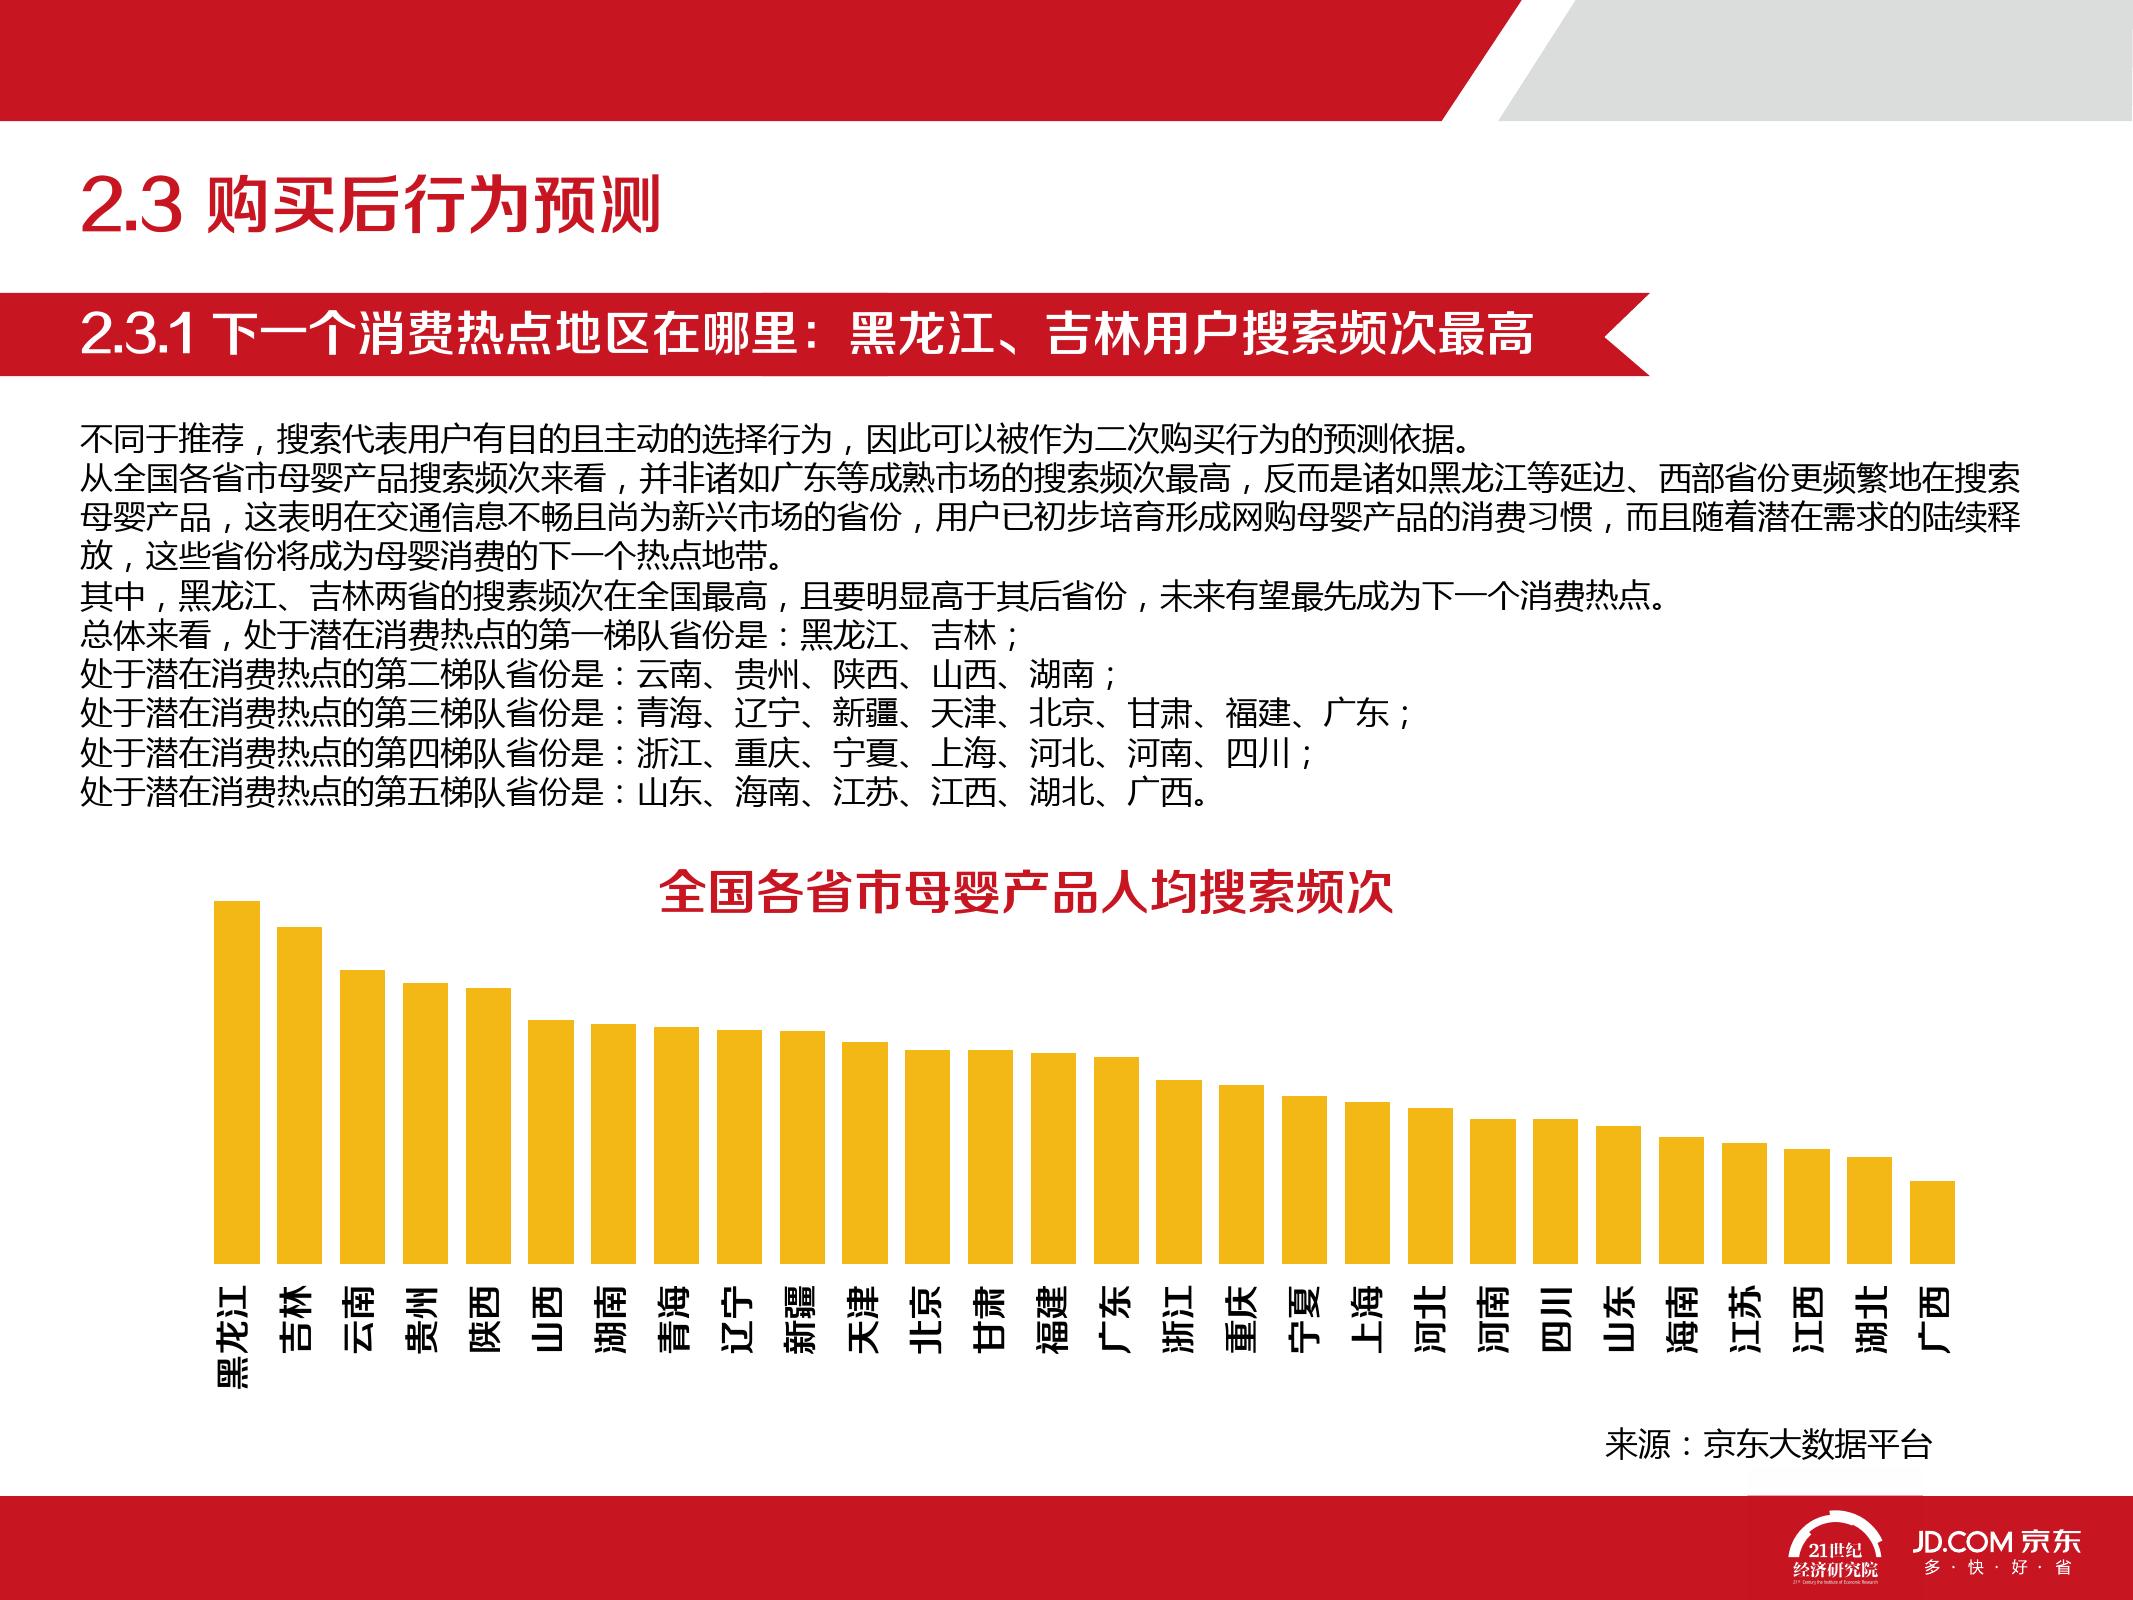 2016中国母婴产品消费趋势报告_000029